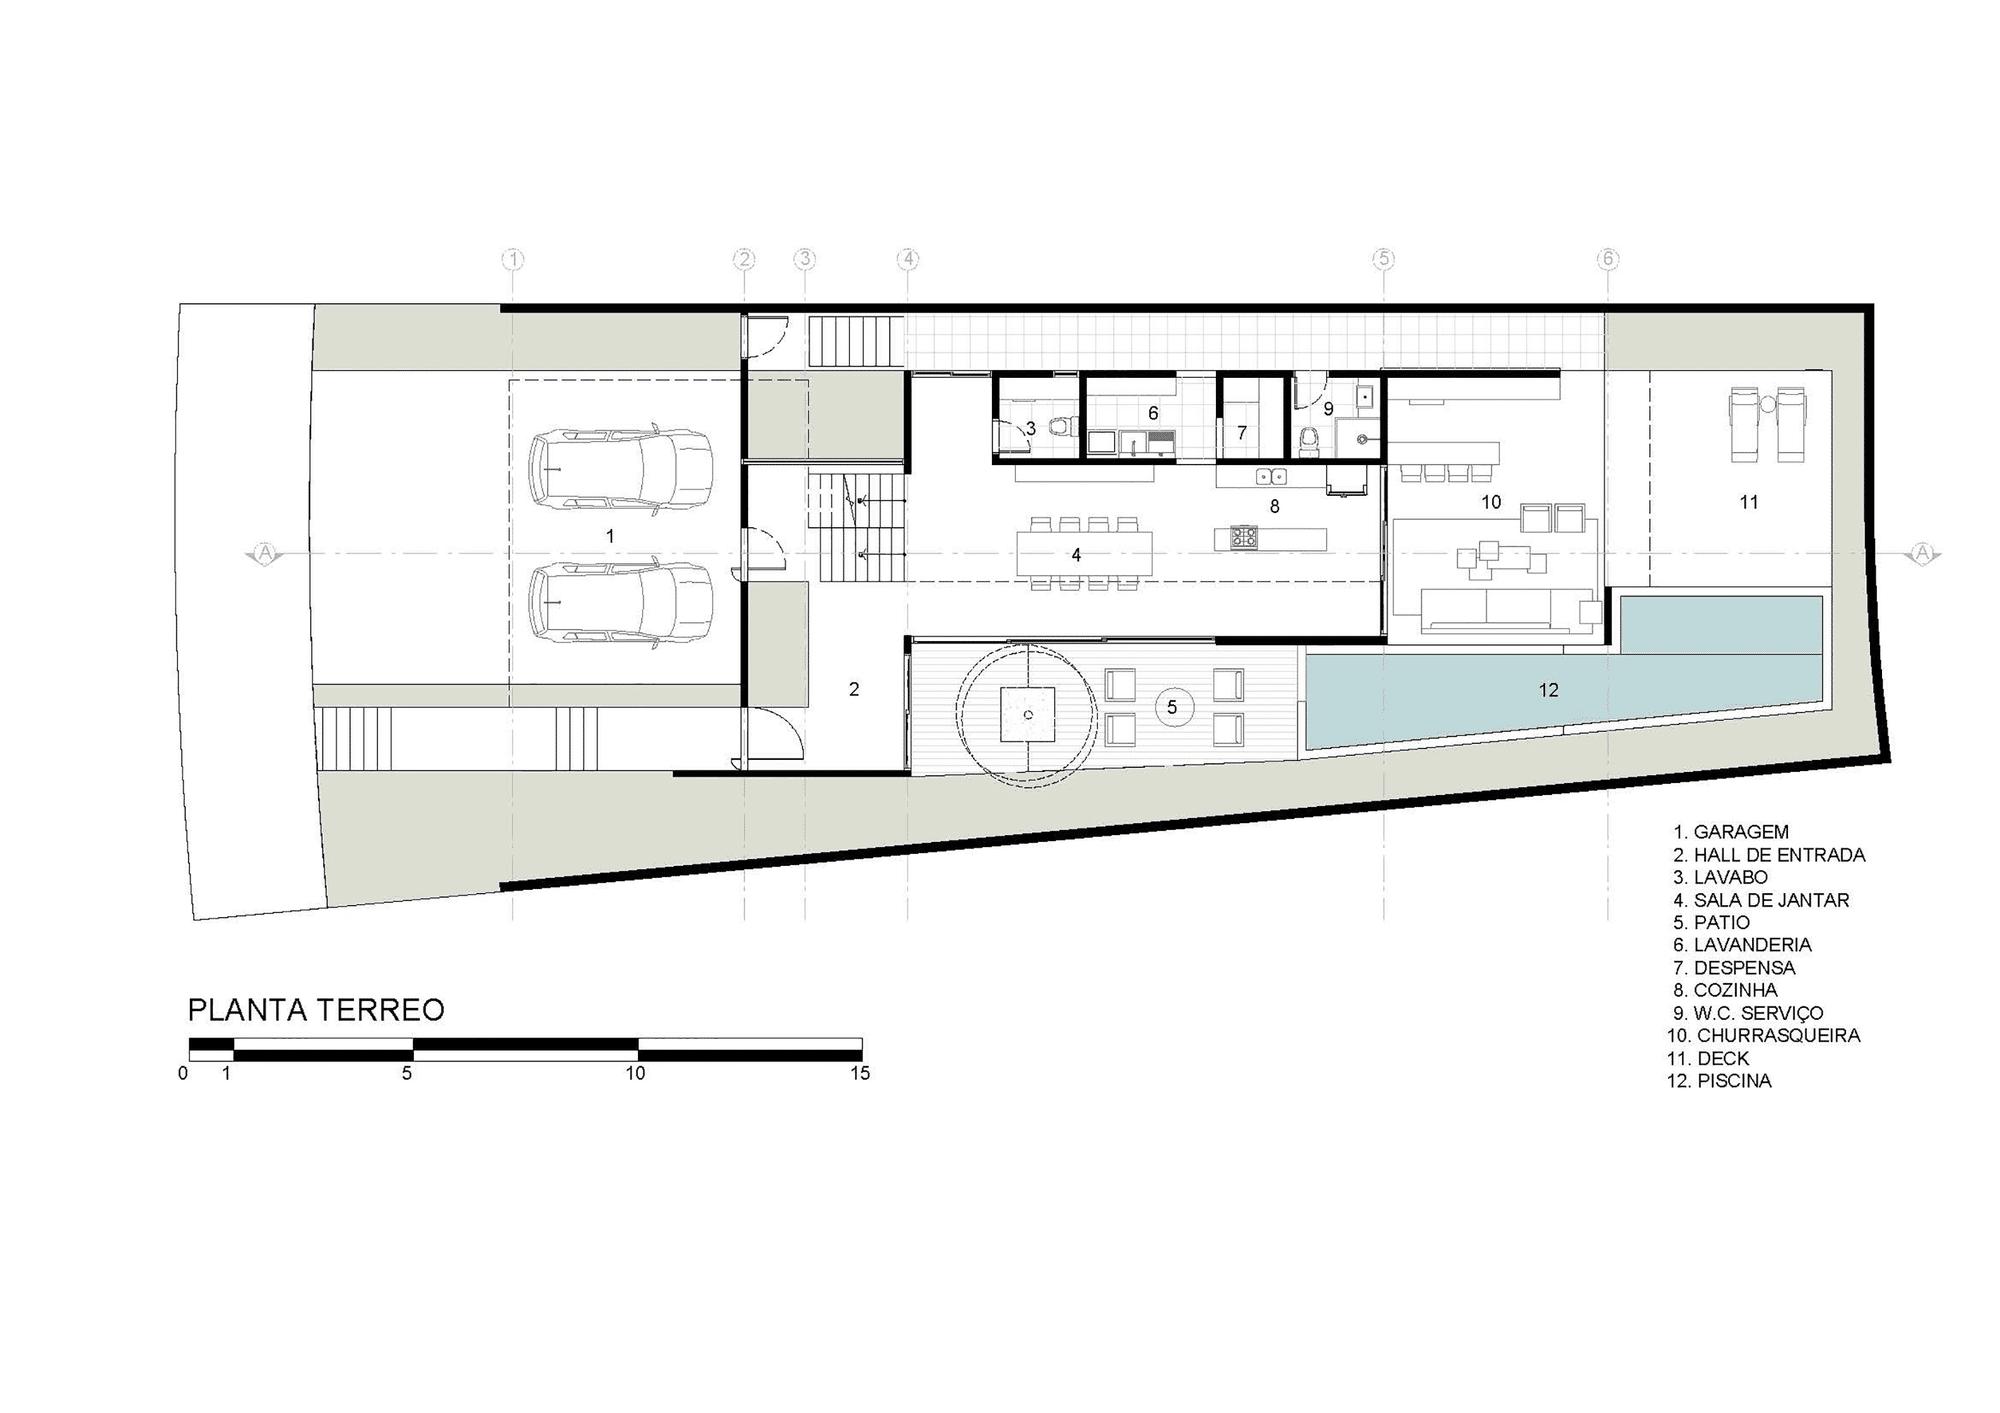 Dise o de moderna casa de dos pisos con fachada y planos for Planos de casas minimalistas de 2 pisos